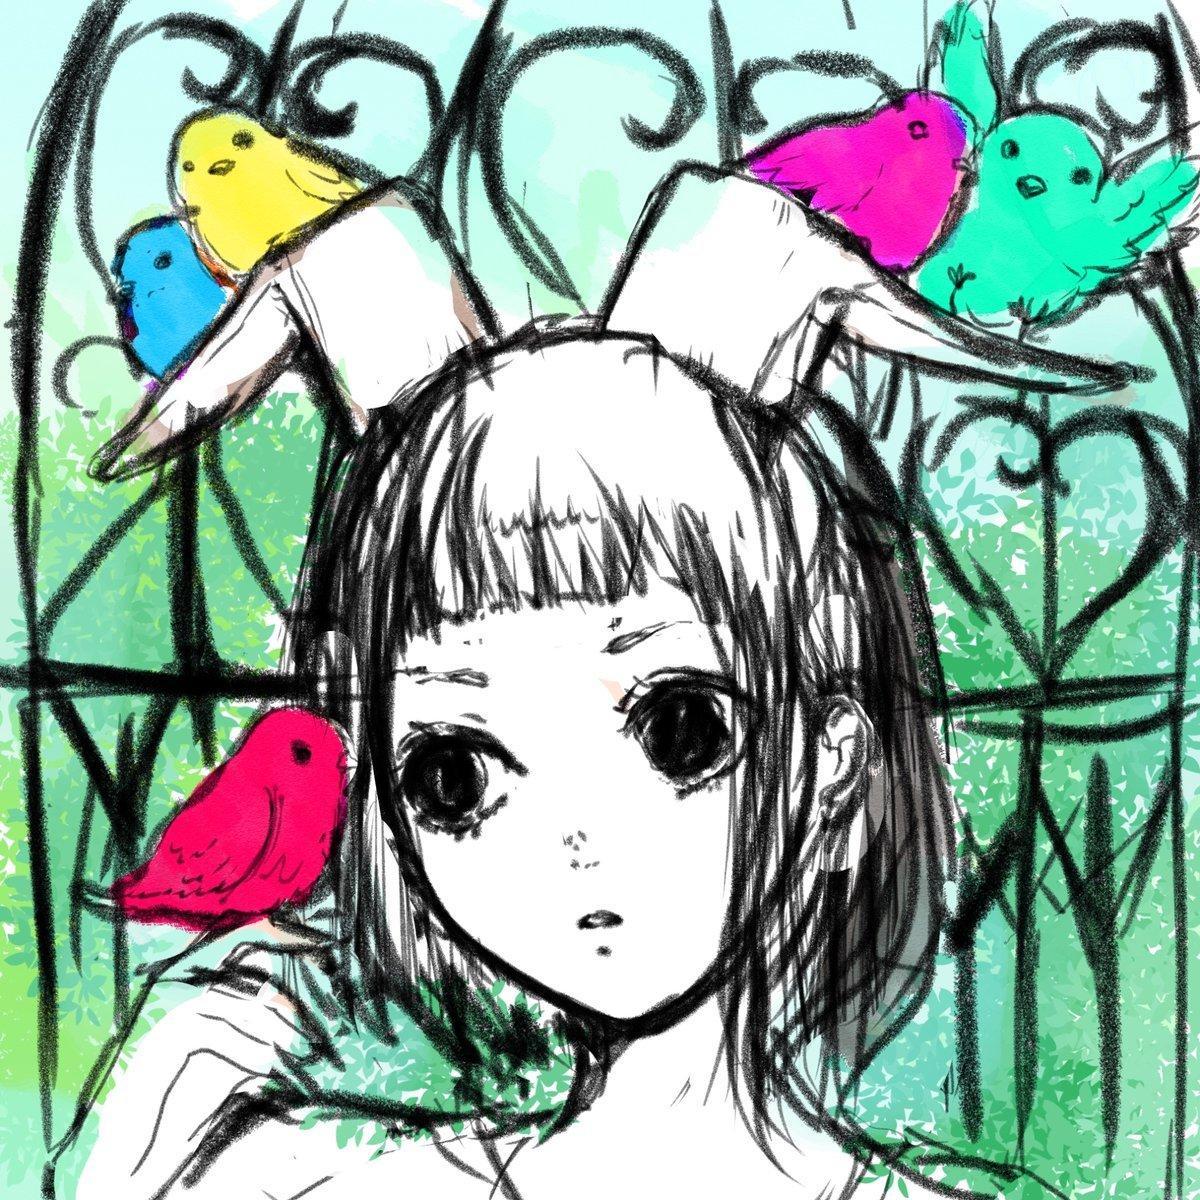 モニター○あなただけのサビアンイラスト描きます 誕生日プレゼント、自身について知りたいときに。